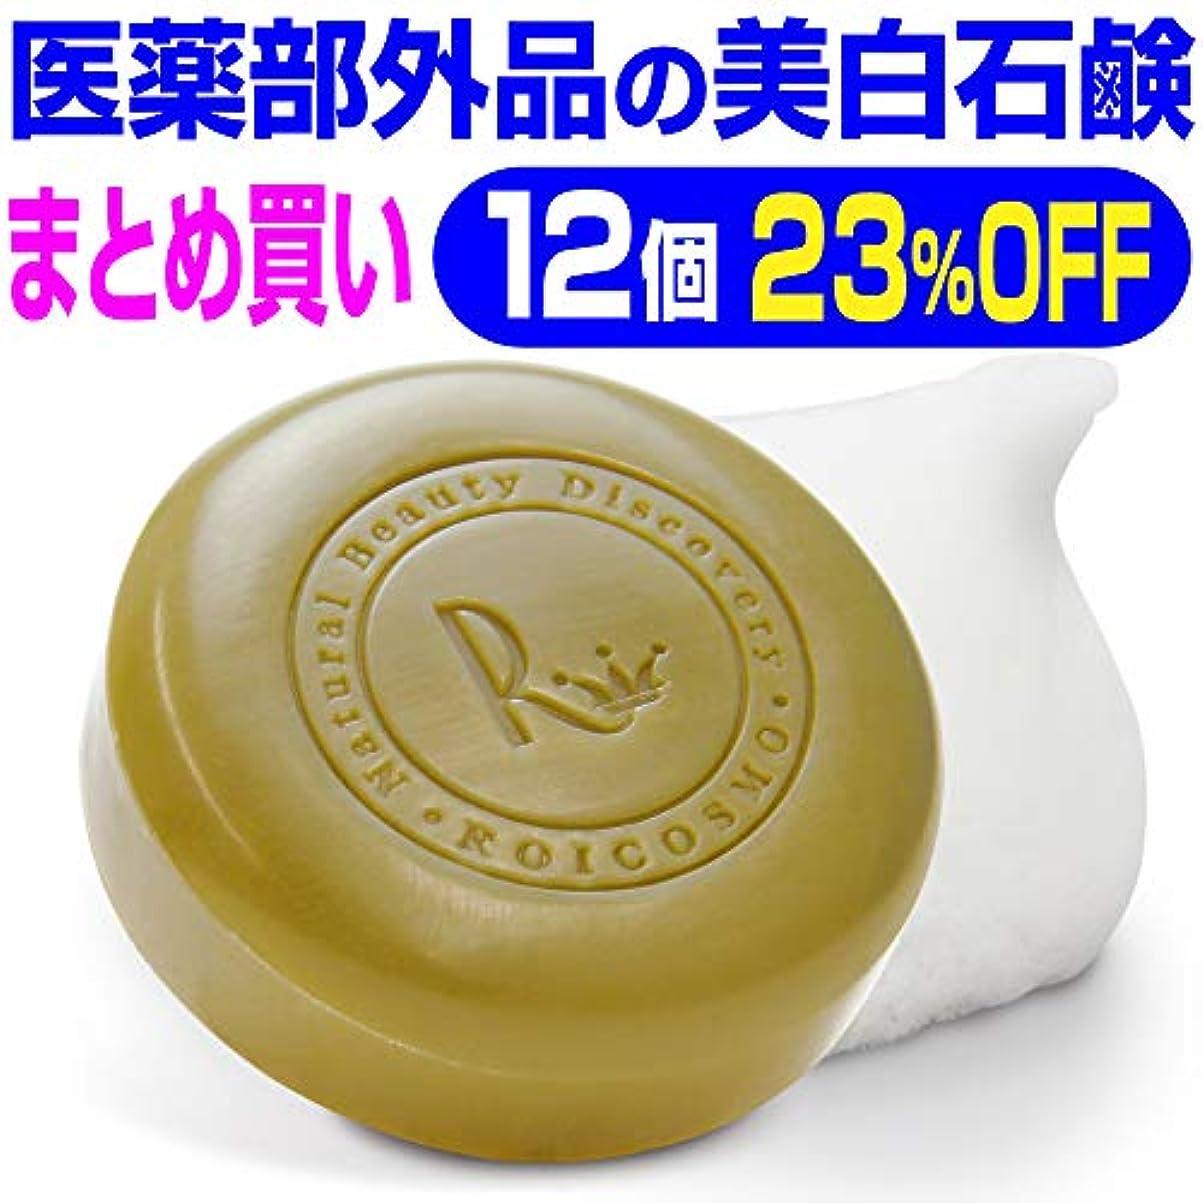 タイピストやりすぎアッティカス12個まとめ買い23%OFF 美白石鹸/ビタミンC270倍の美白成分配合の 洗顔石鹸『ホワイトソープ100g×12個』